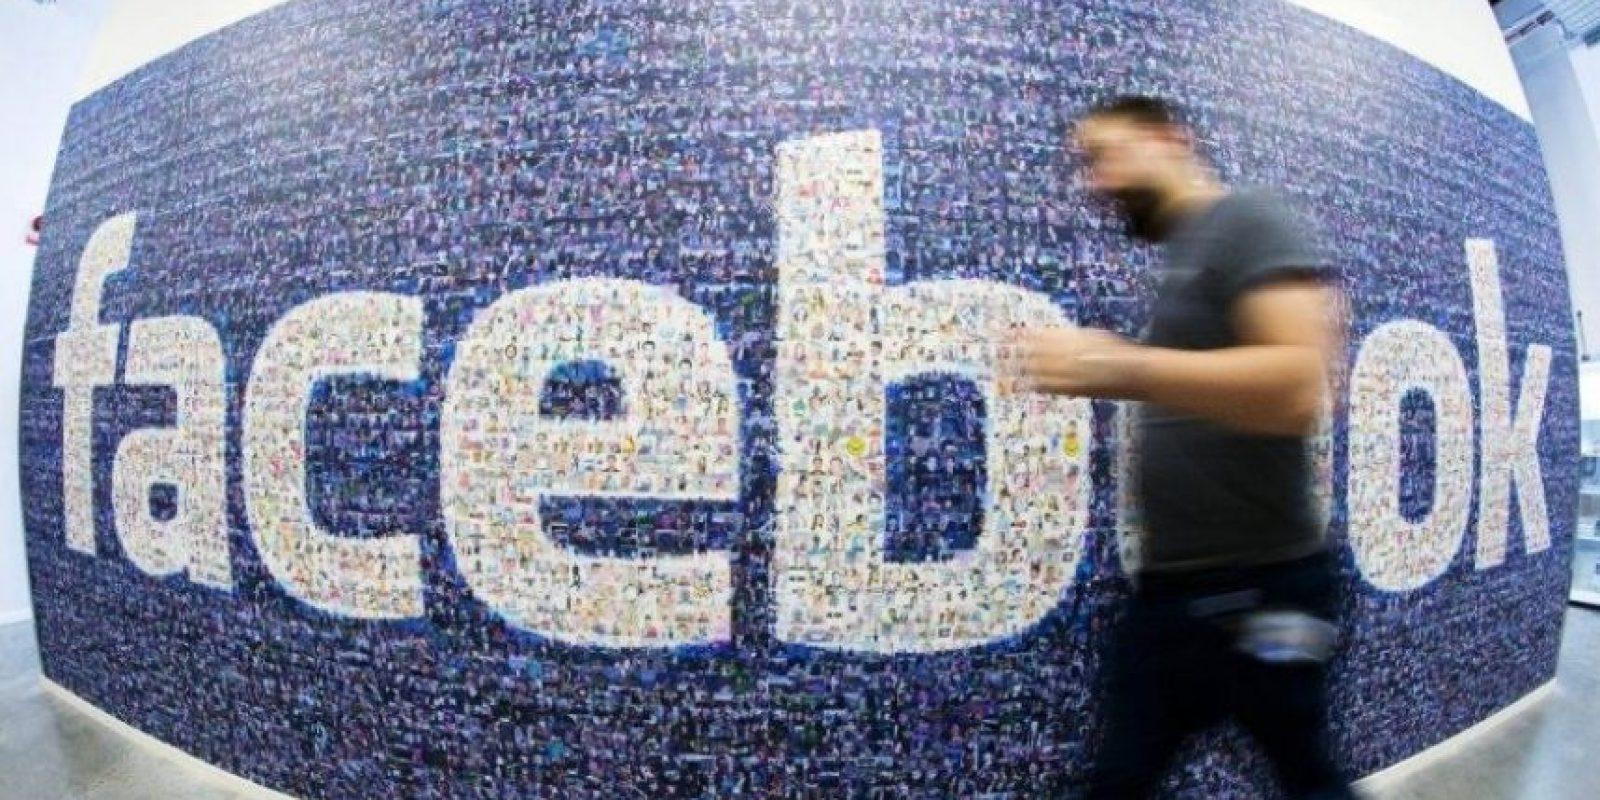 Con la aplicación Facebook Lite, se mostrará una plataforma apta para mercados emergentes. Foto:vía Getty Images